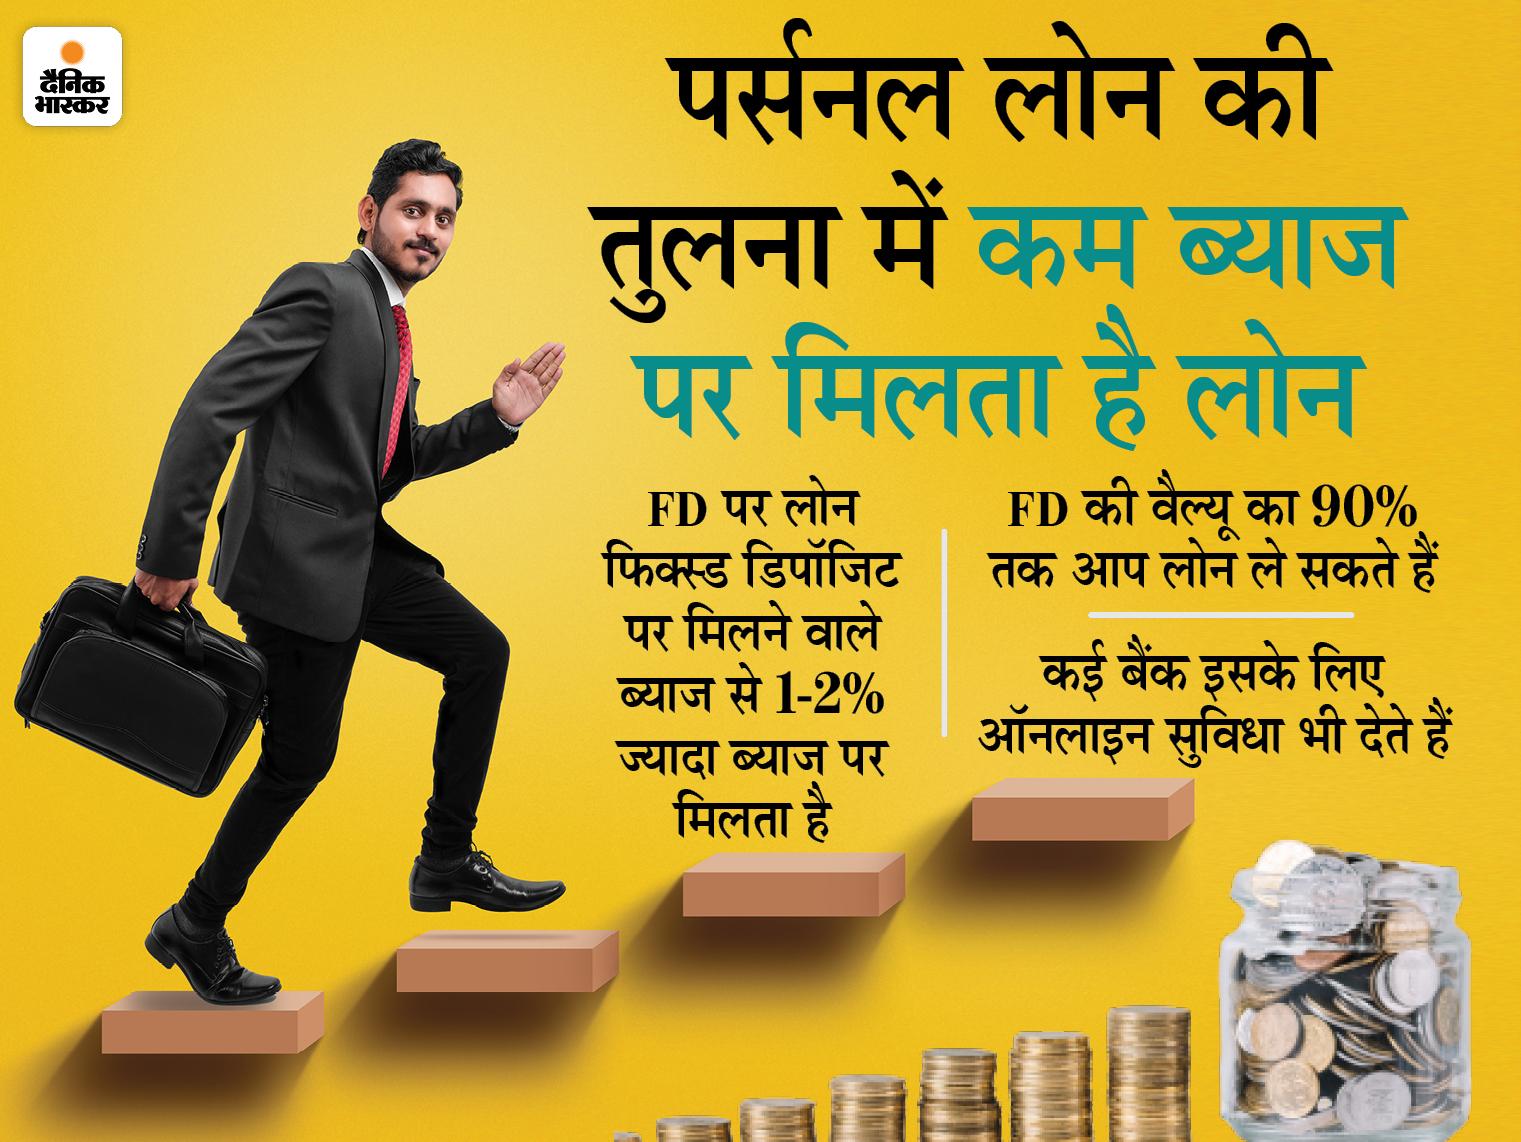 कोरोना काल में पैसों की जरूरत पड़ने पर FD पर भी ले सकते हैं लोन, कम ब्याज पर मिलेगा पैसा बिजनेस,Business - Dainik Bhaskar